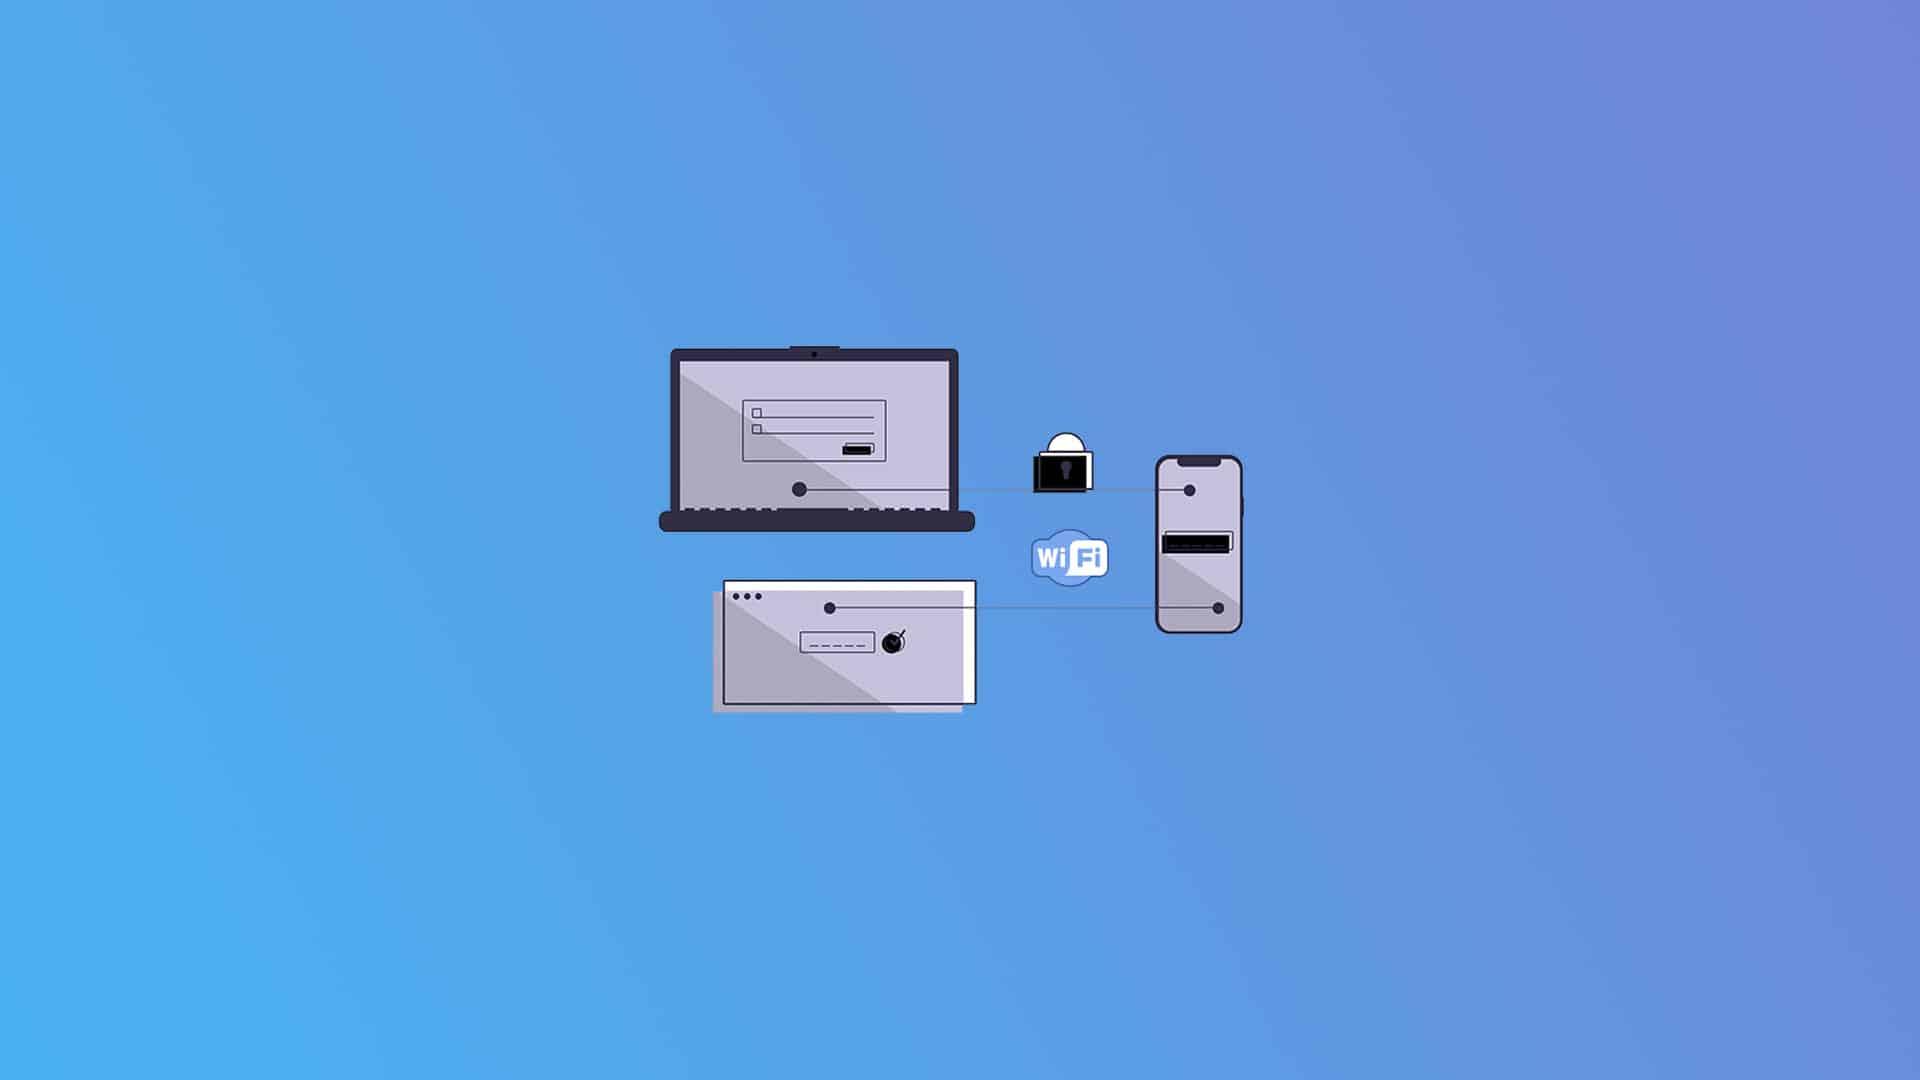 cara mengganti password wifi semua perangkat